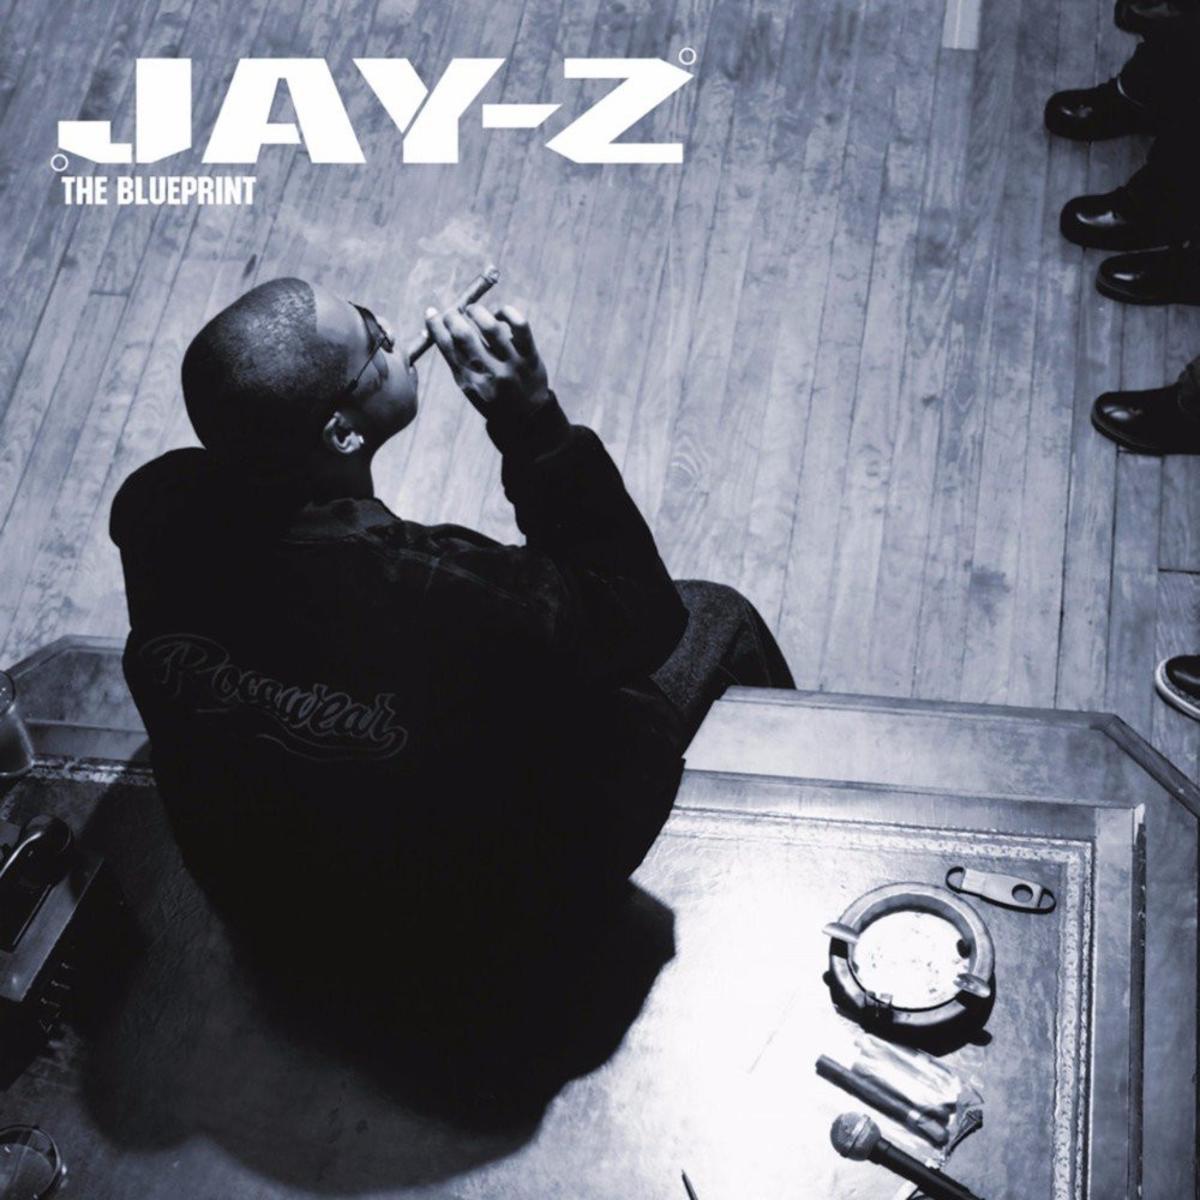 Jay-Z - Izzo (H.O.V.A.) mP3